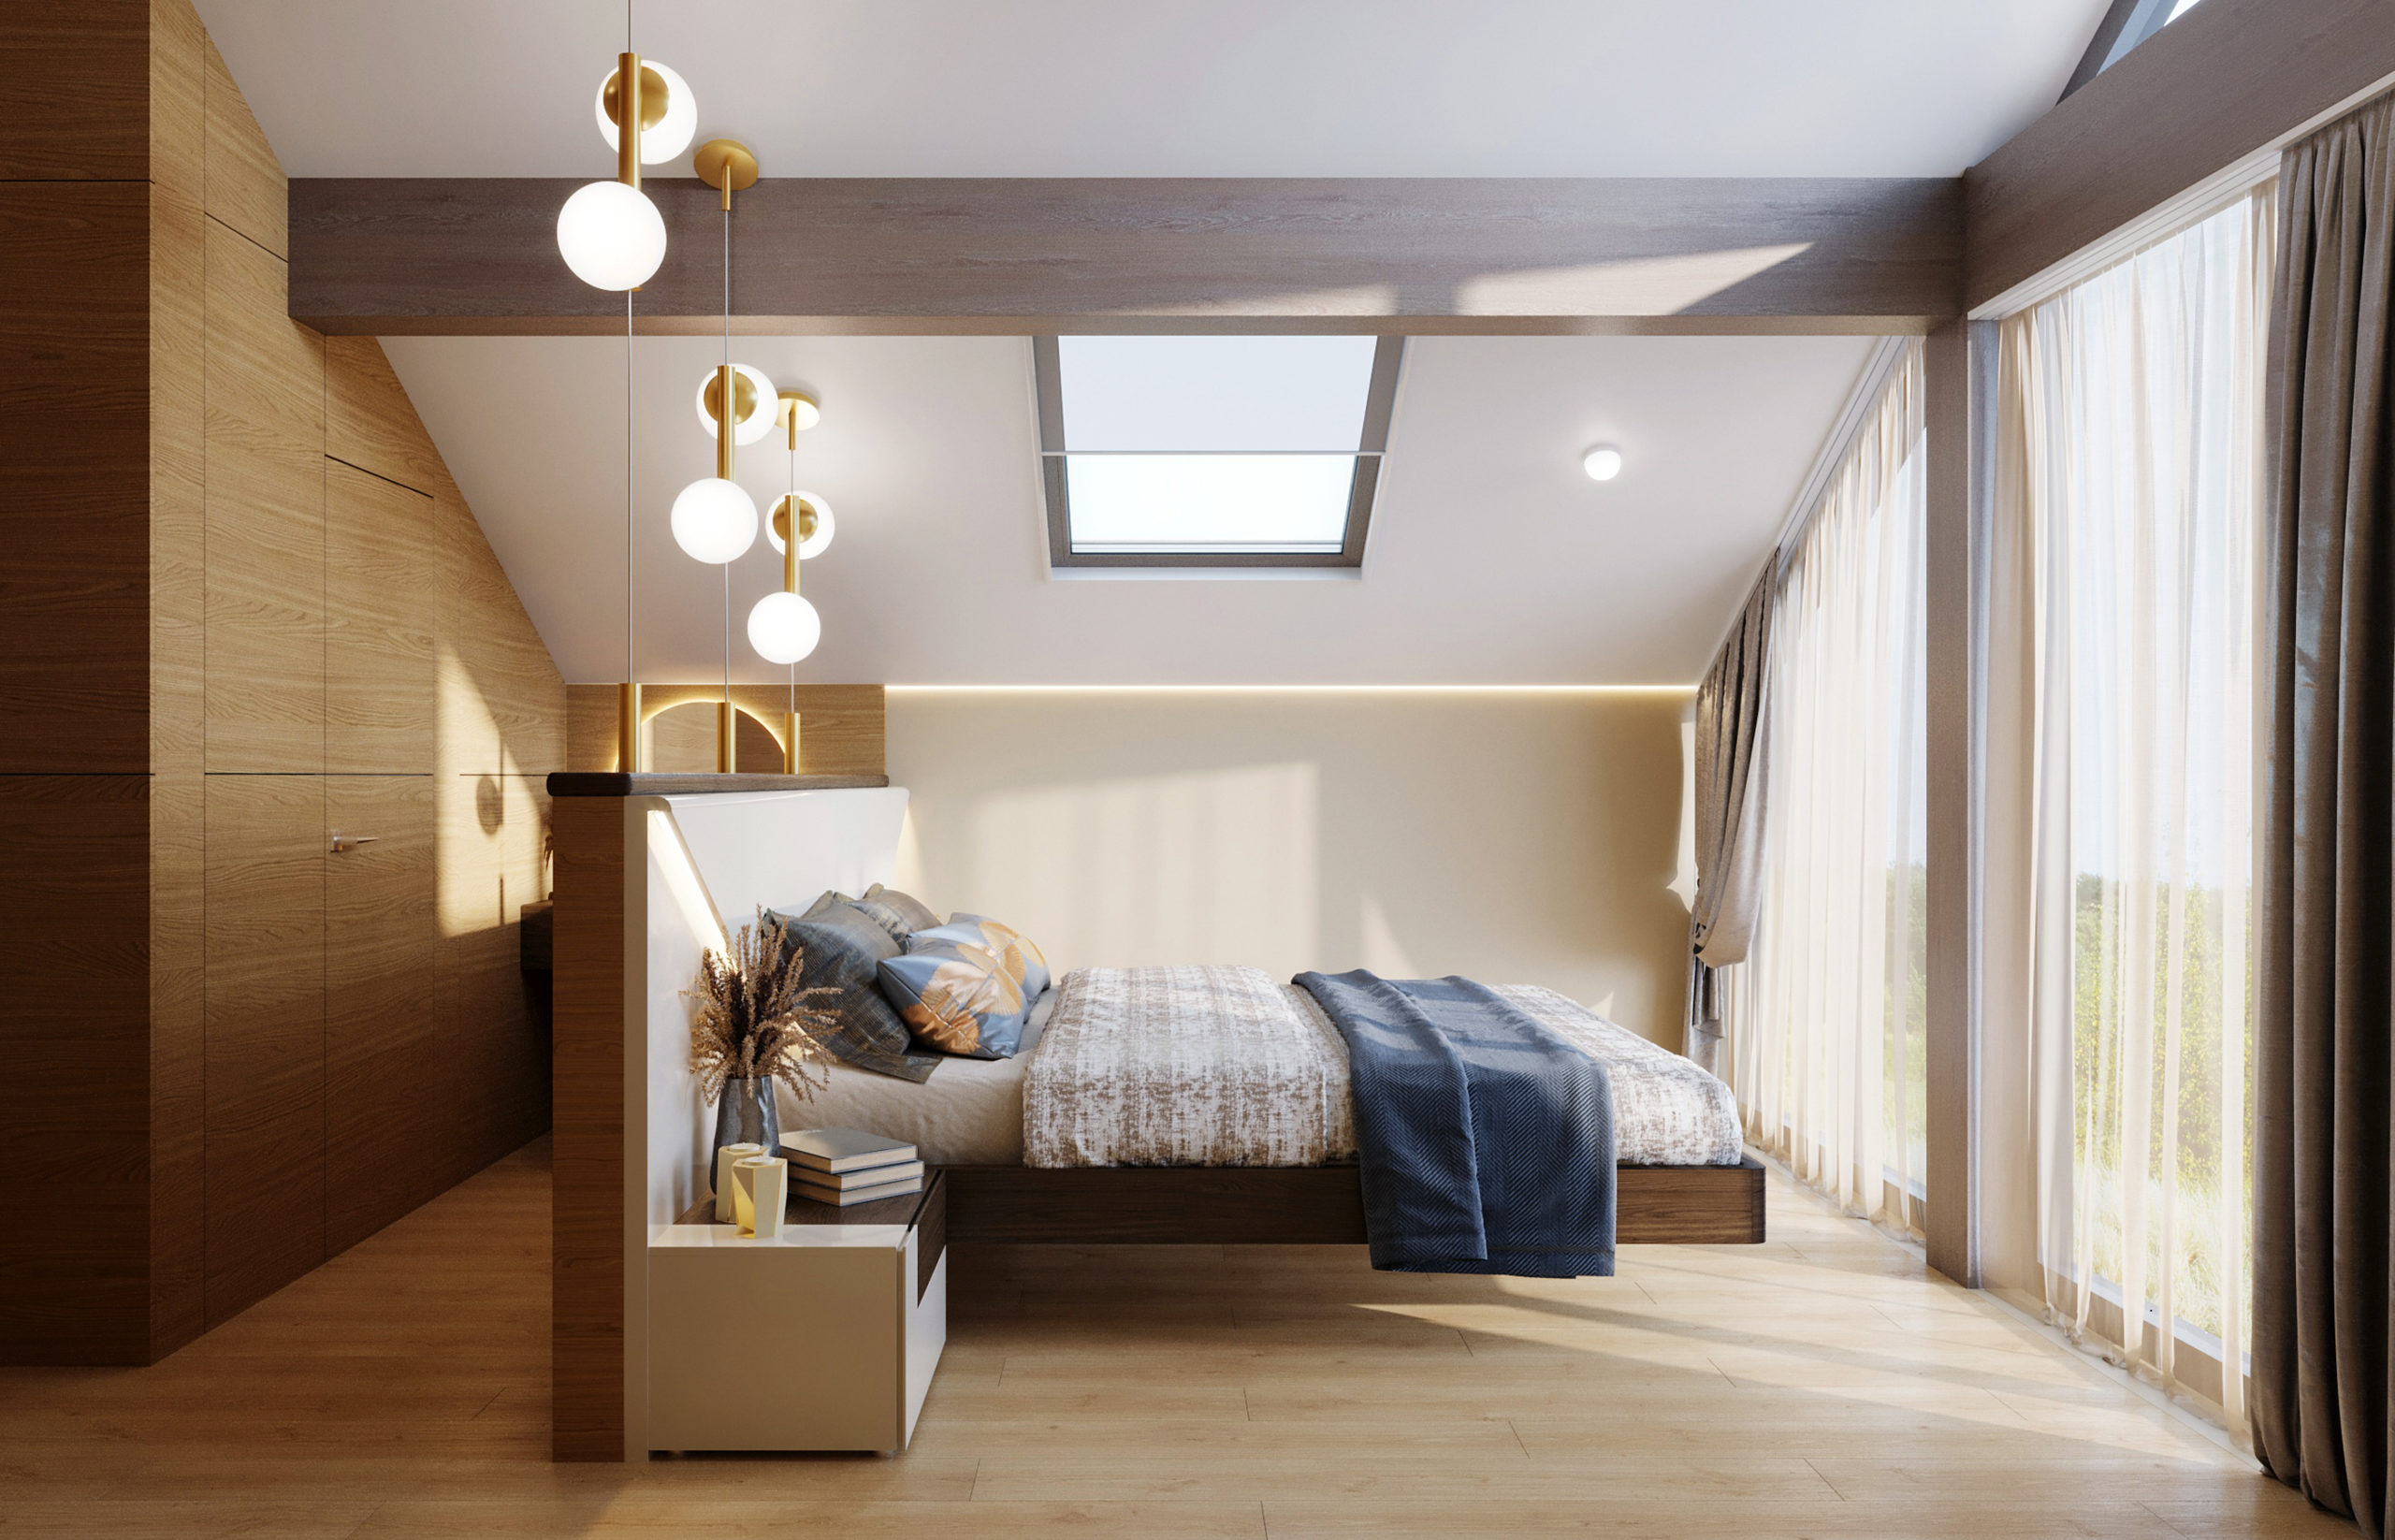 Одна стена в спальне стеклянная и за этой прозрачной стеной открывается фантастическая панорама дикого леса